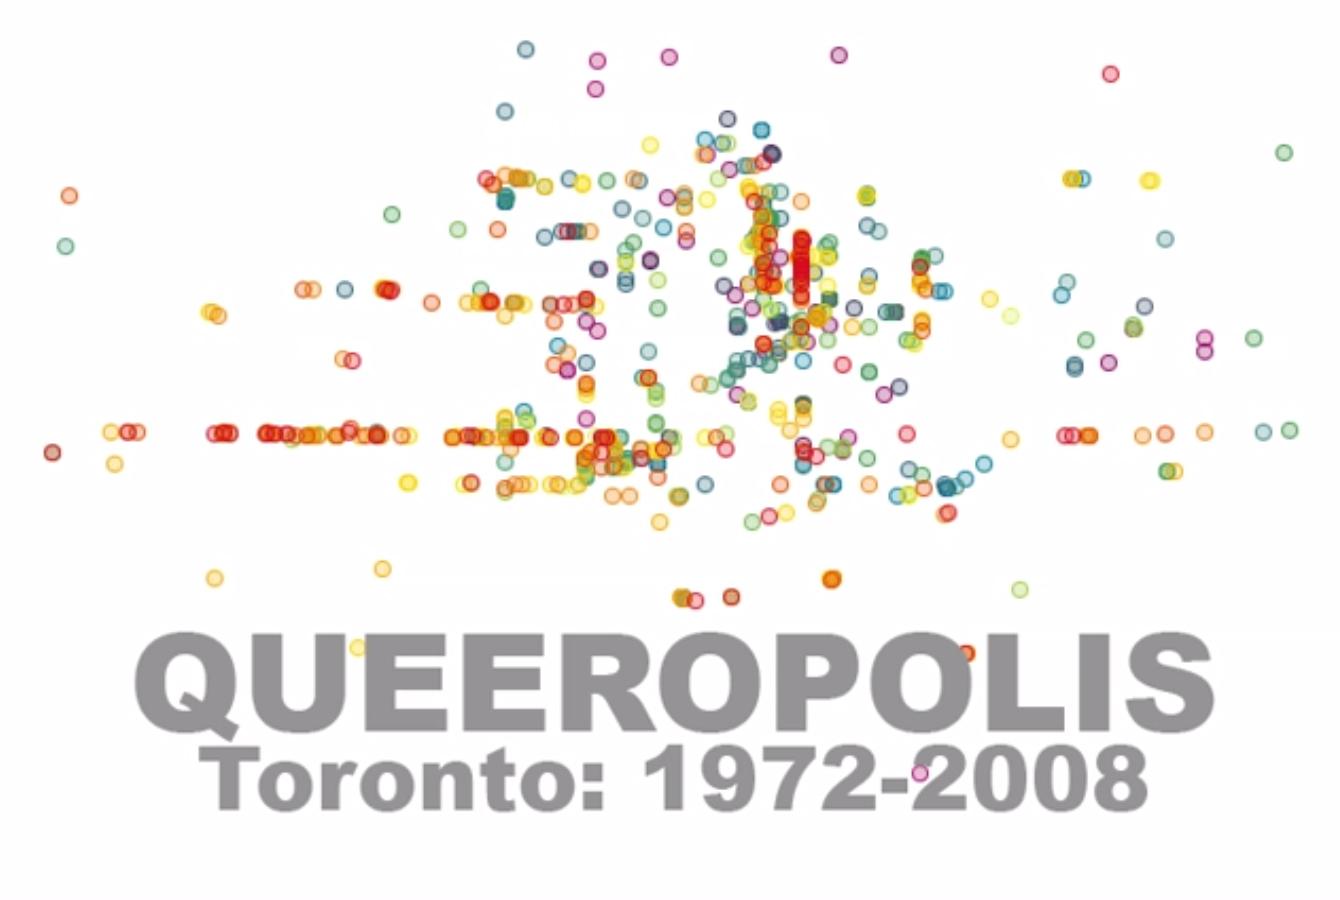 Queeropolis: Toronto 1972 - 2008 (2008)